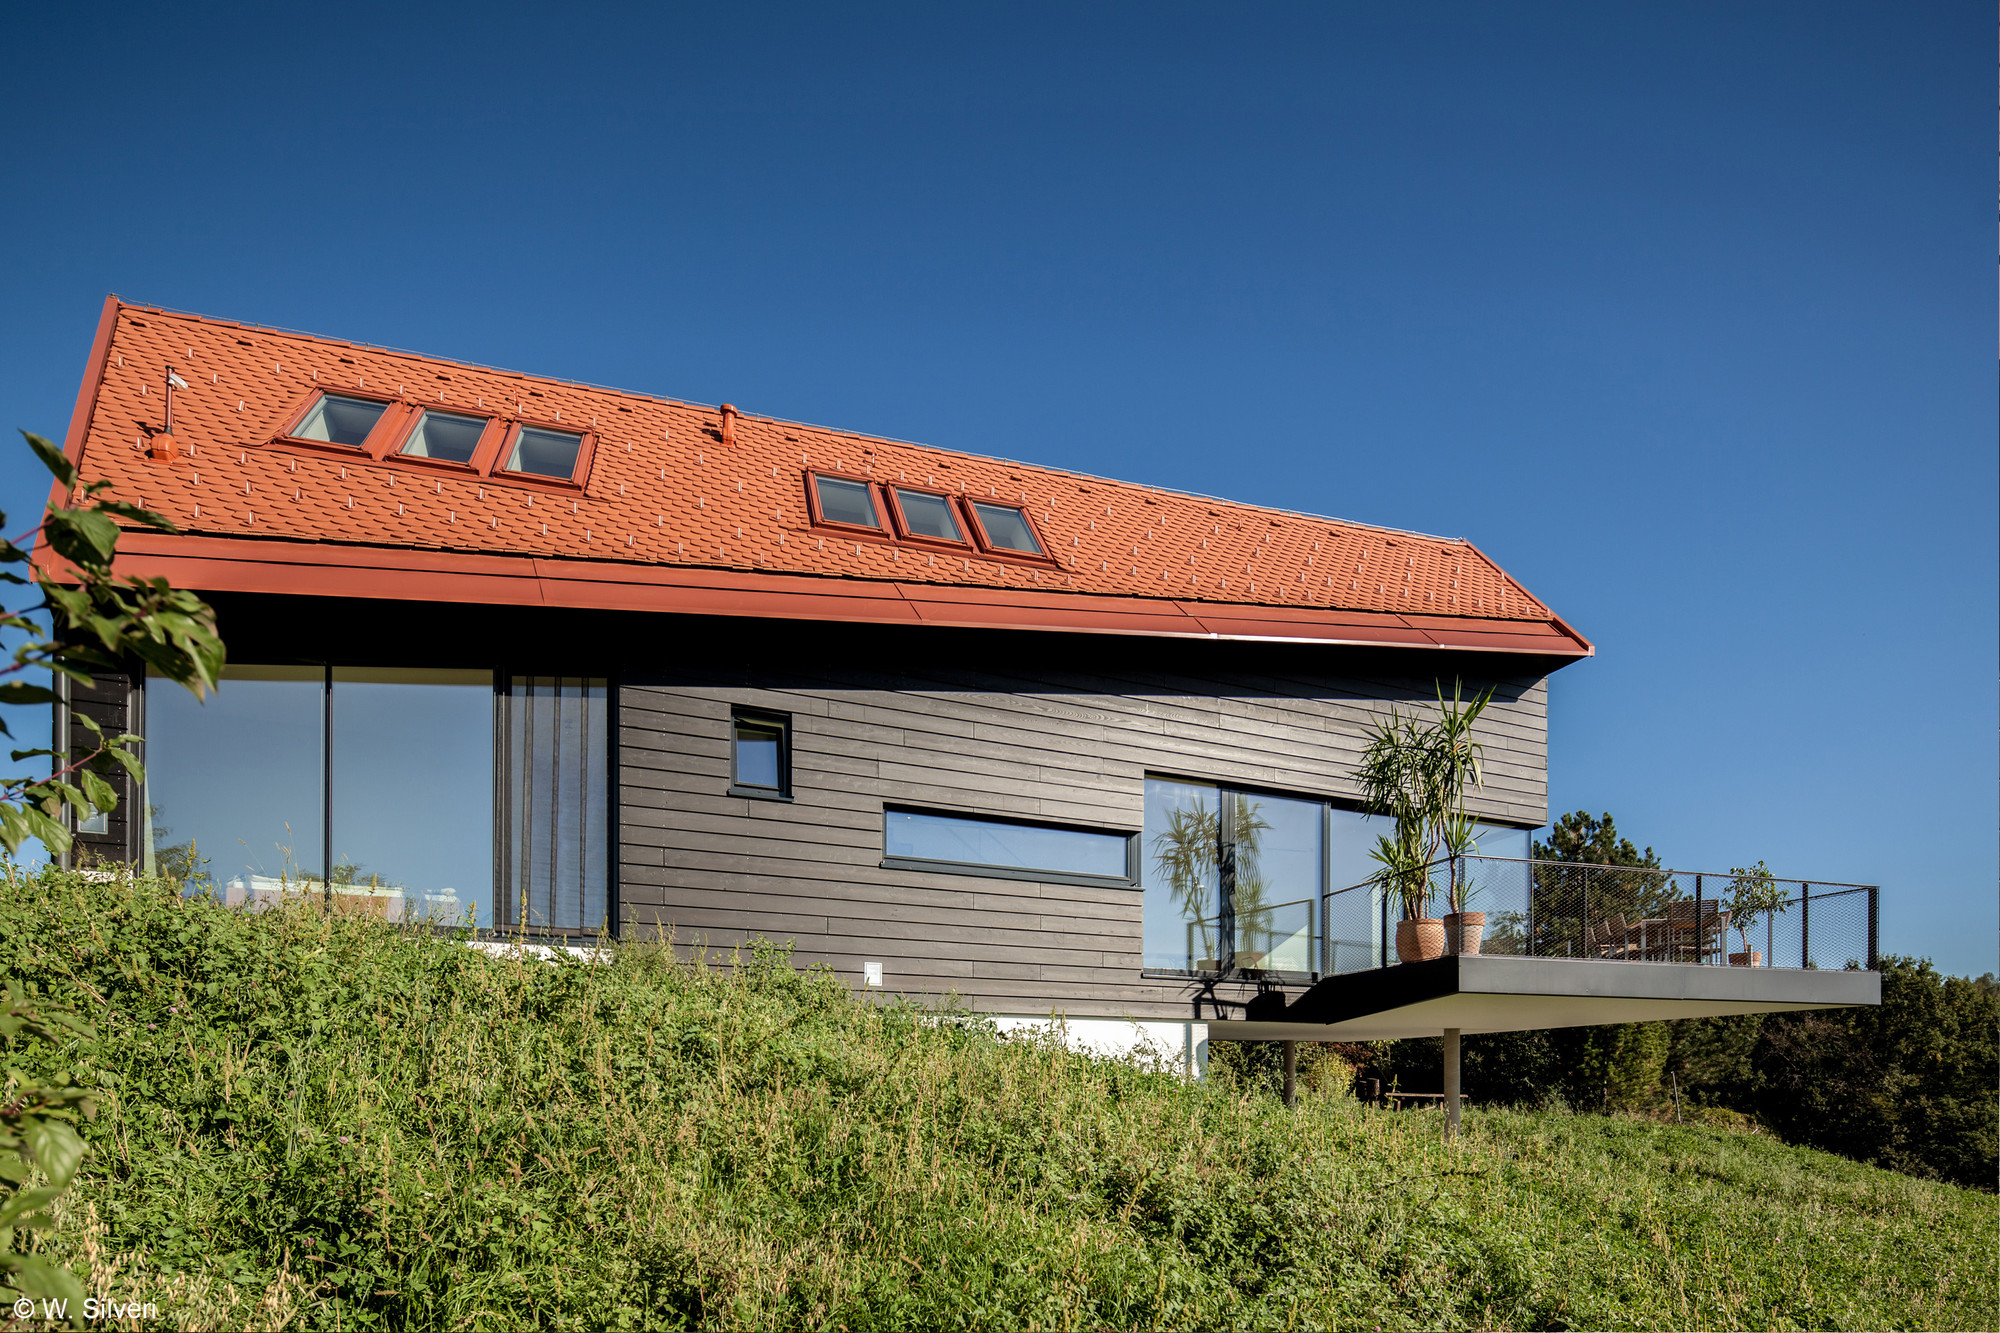 Gallery of Haus am Steinberg / HoG rchitektur - 21 - ^